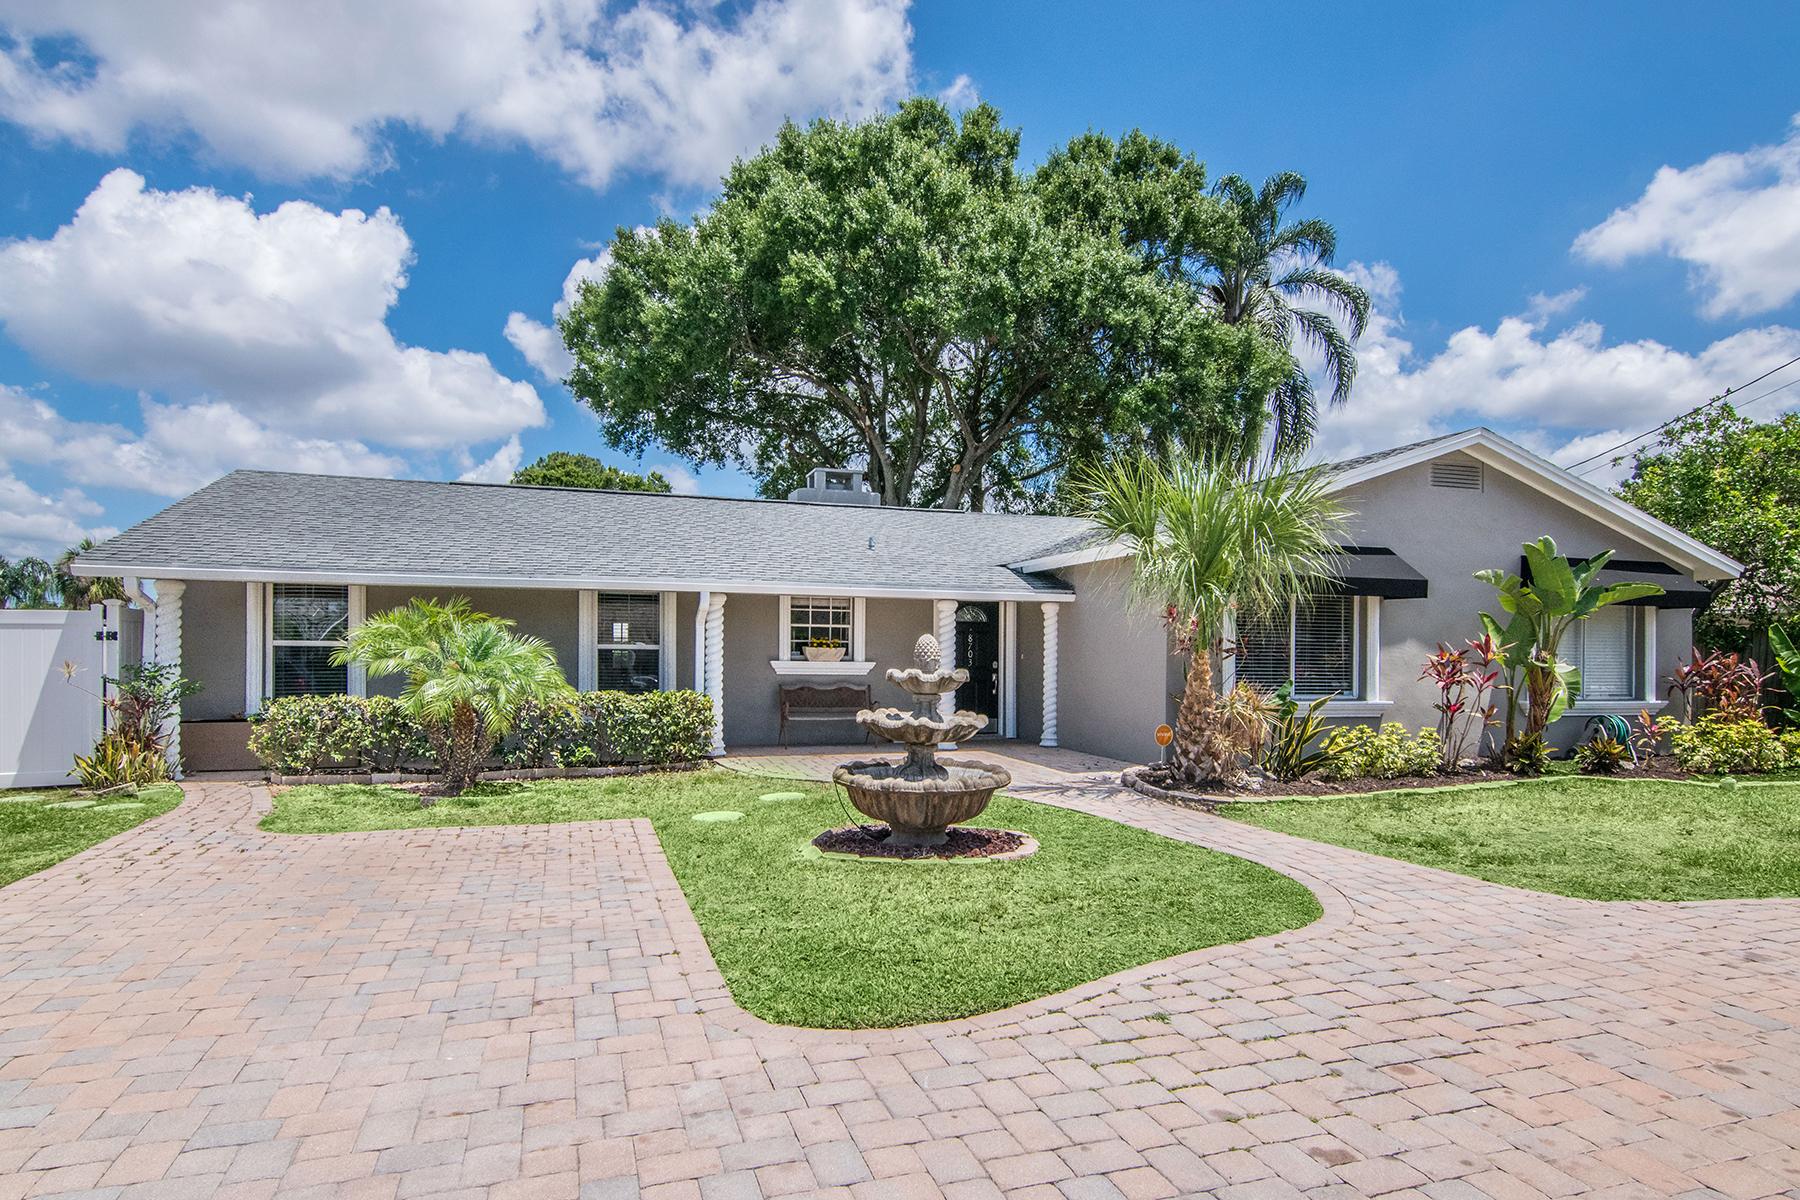 獨棟家庭住宅 為 出售 在 TAMPA 8703 Elmwood Ln Tampa, 佛羅里達州, 33615 美國